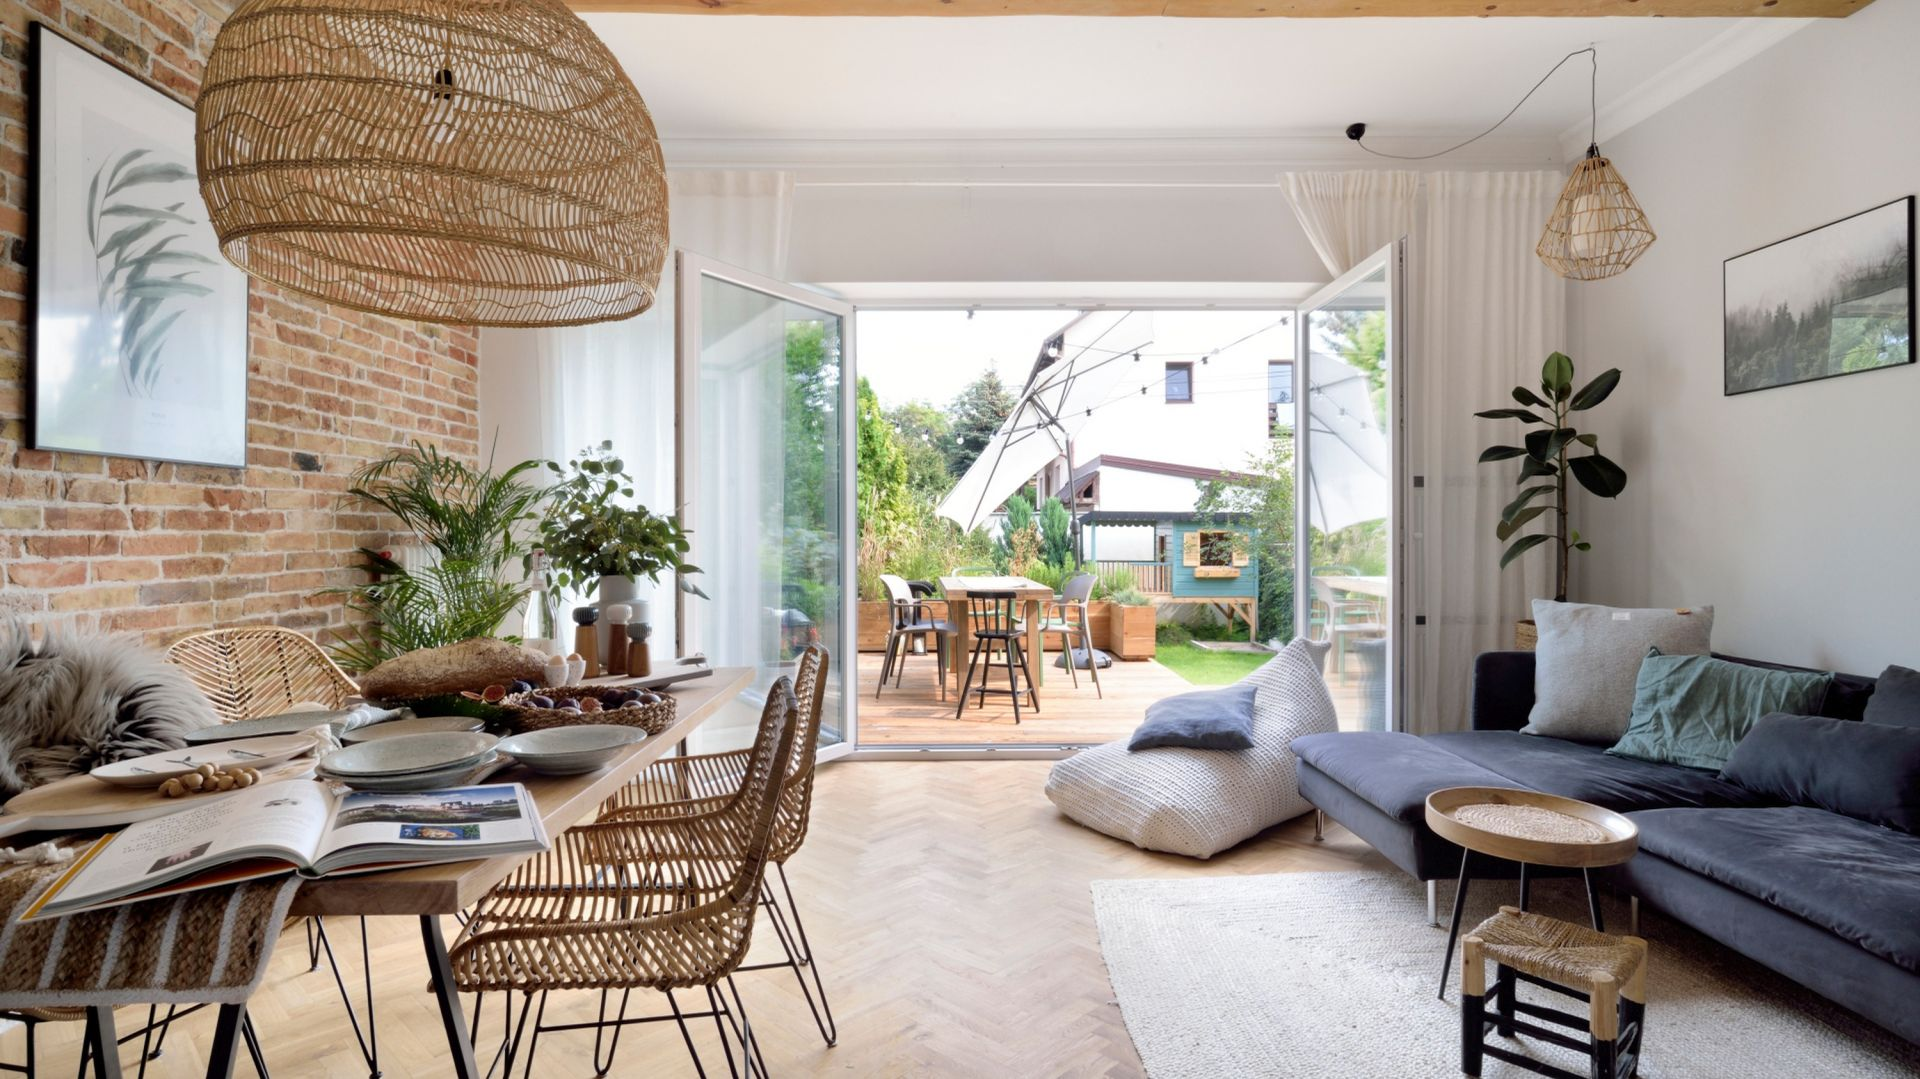 Salon urządzony w zgodzie z naturą staje się swego rodzaju prywatnym ogrodem. Projekt SHOKO.design fot. Łukasz Nowosadzki - Archilens.pl